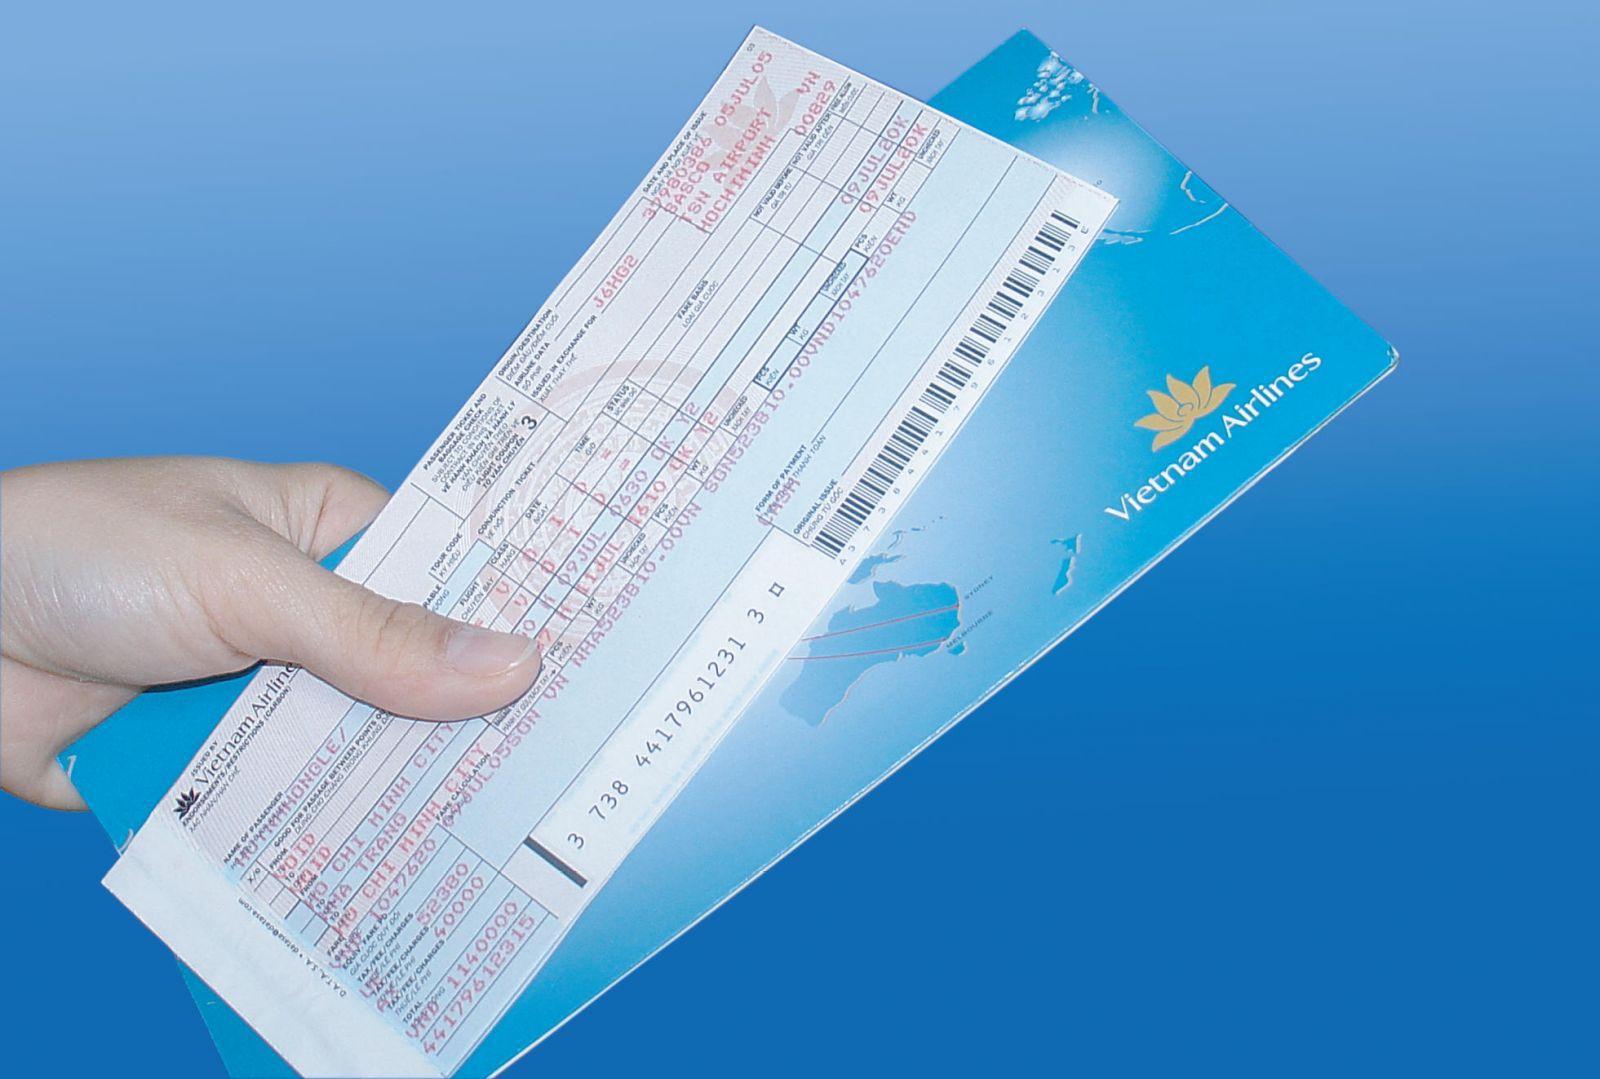 Giá vé máy bay Tết Âm lịch năm nay giảm nhẹ do có nhiều chương trình ưu đãi khuyến mại từ các hãng